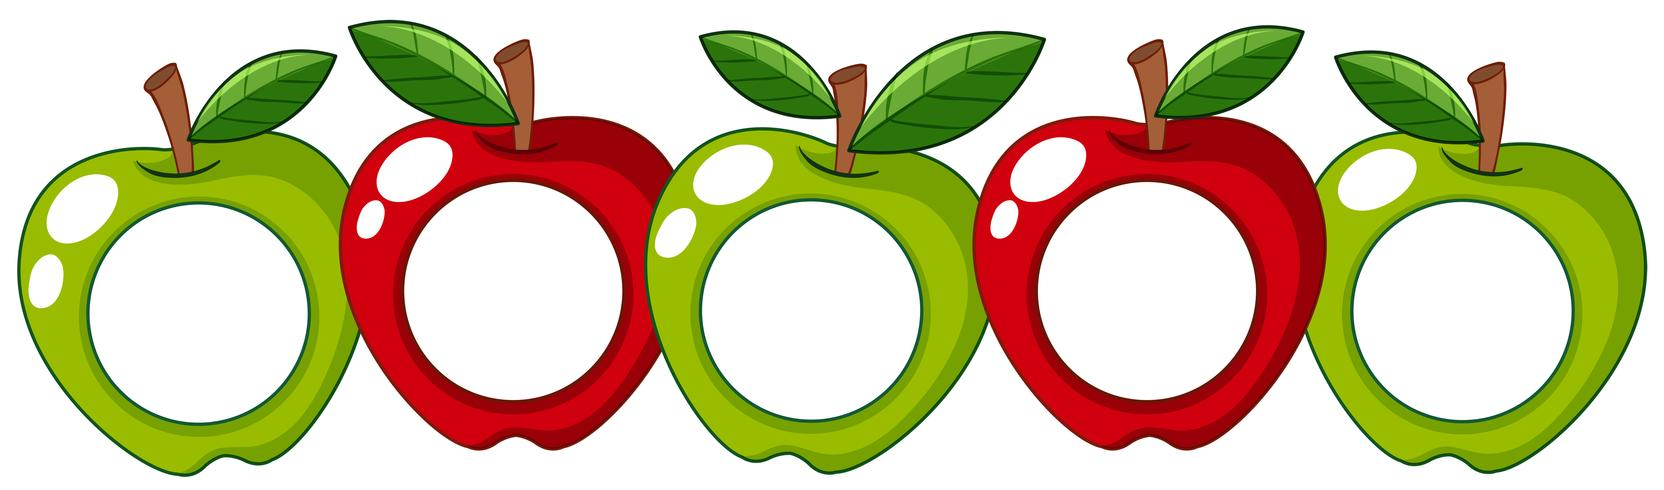 Manzanas rojas y verdes con placa blanca en